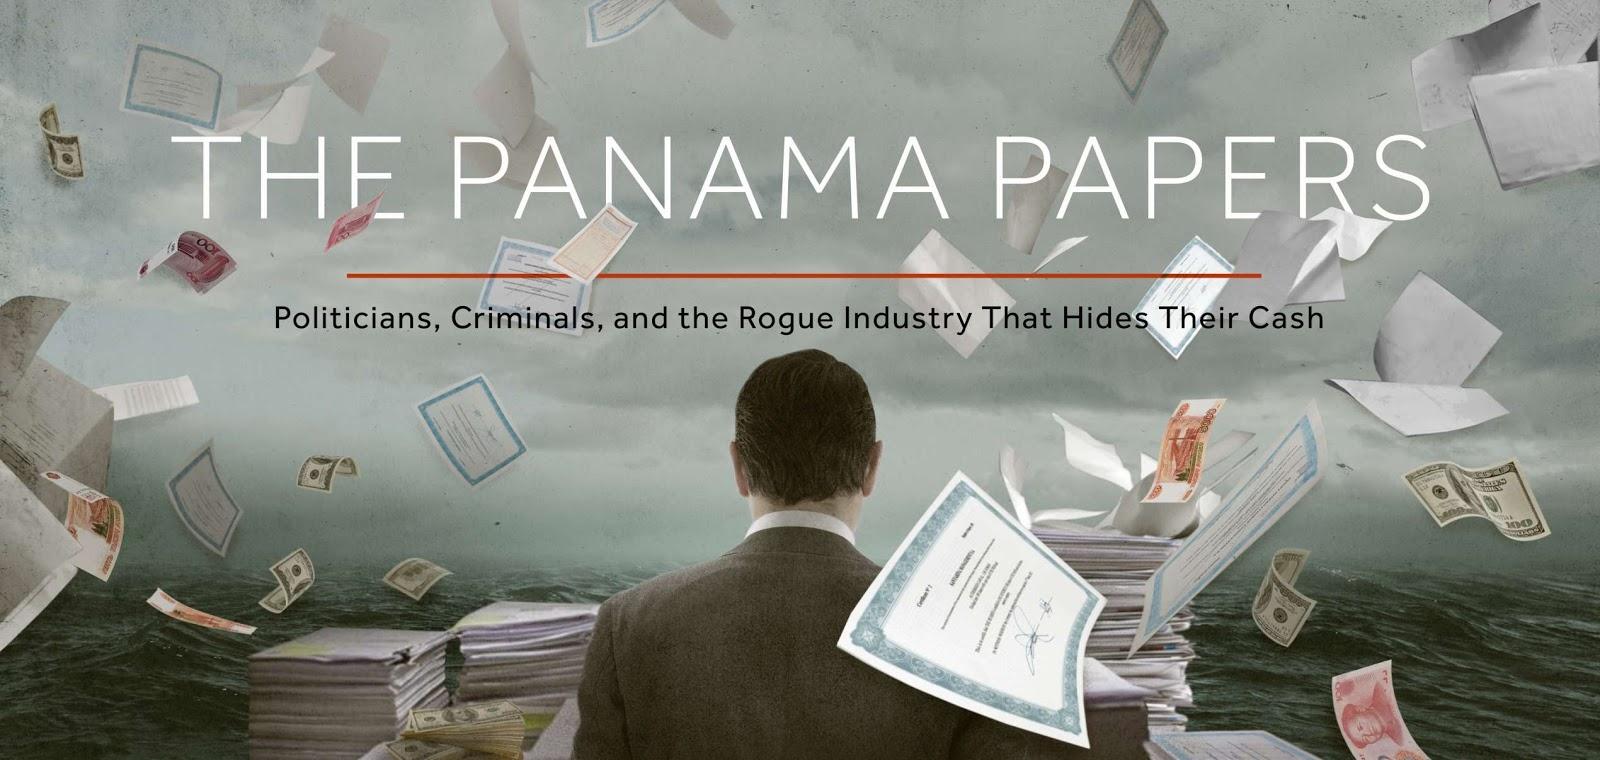 Hikmah yang Bisa di Ambil dari The Panama Papers Menurut Telkomtelstra